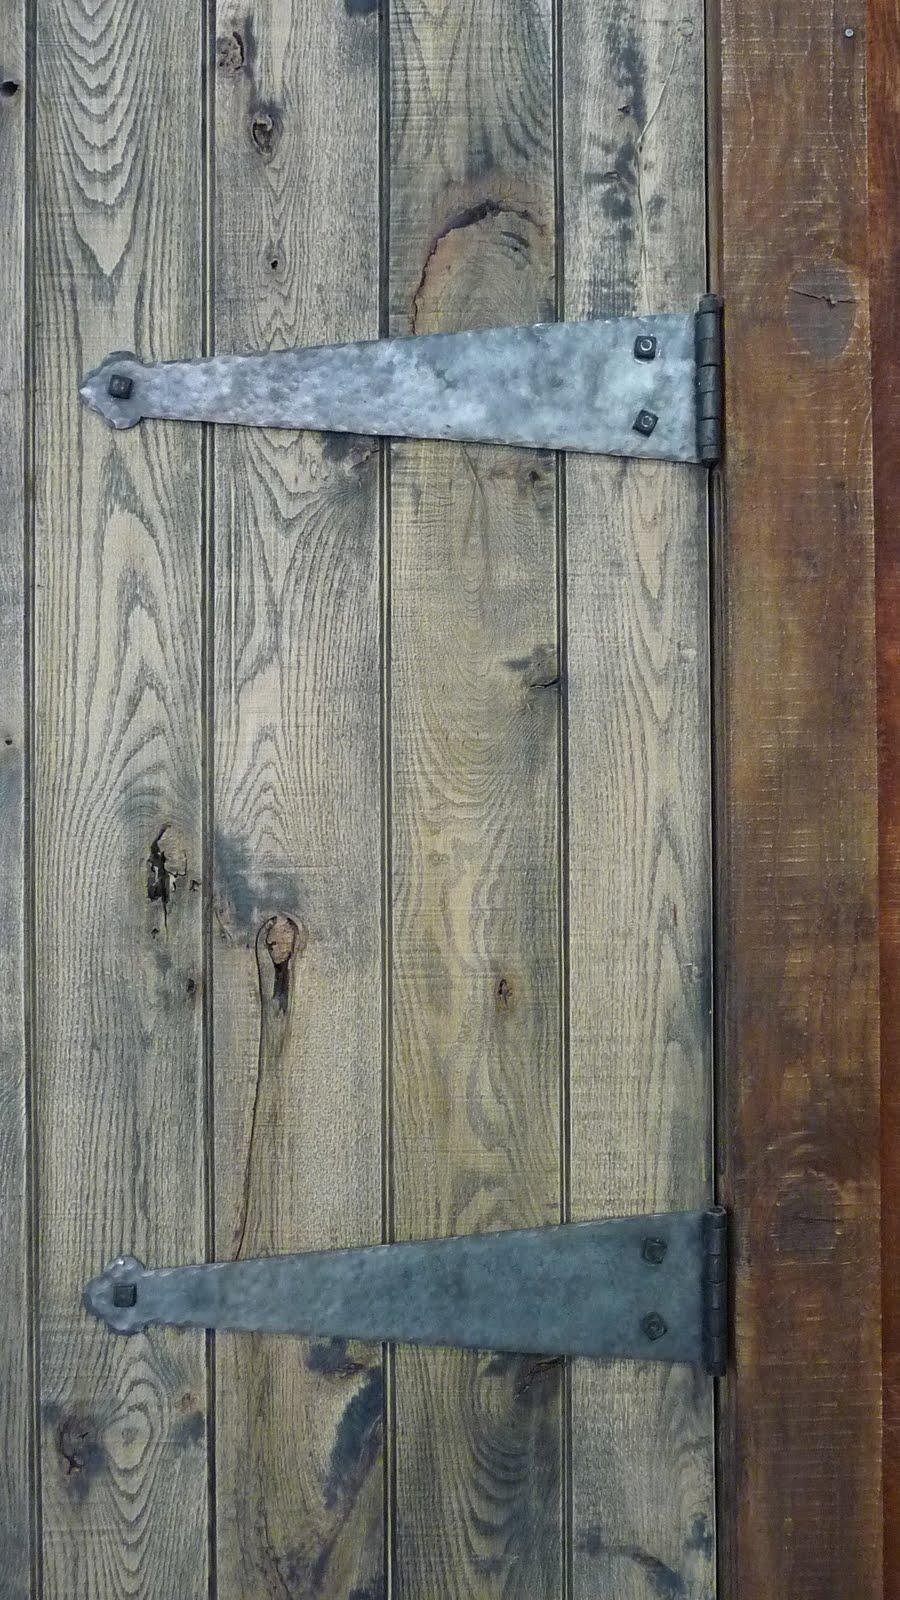 hinges for barn doors 6 20 quot heavy duty hinges with pintle black barn door hinges ebay